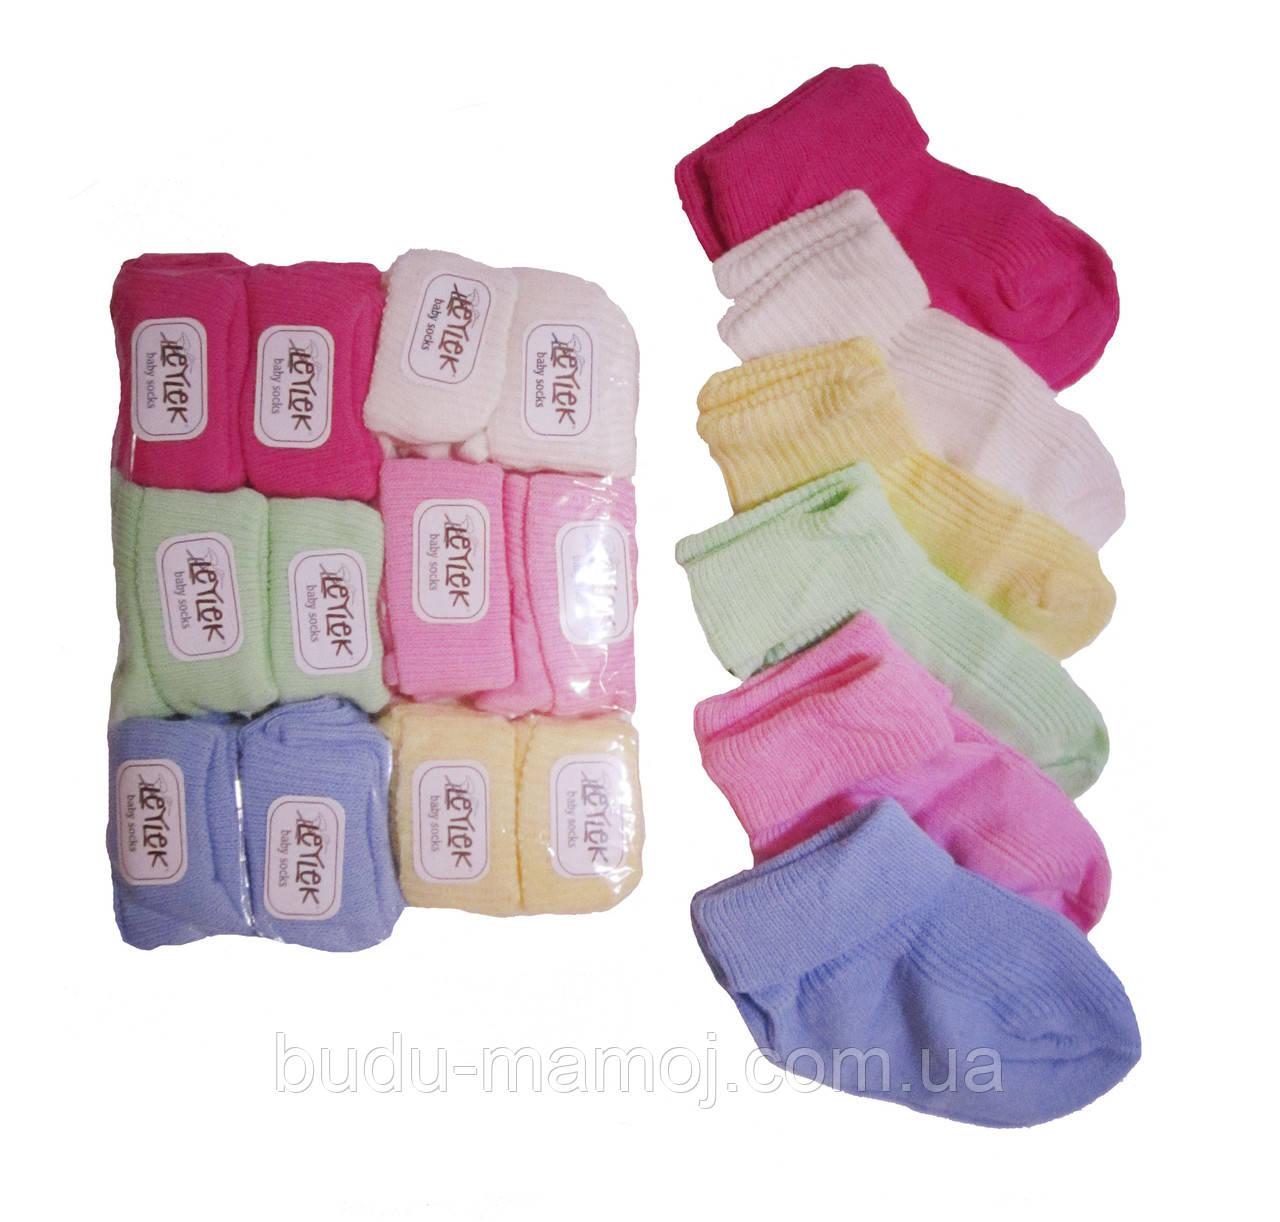 4e1bfbb29dac Красивые детские носочки бейбики для новорожденных нарядные носки на  выписку в роддом однотонные